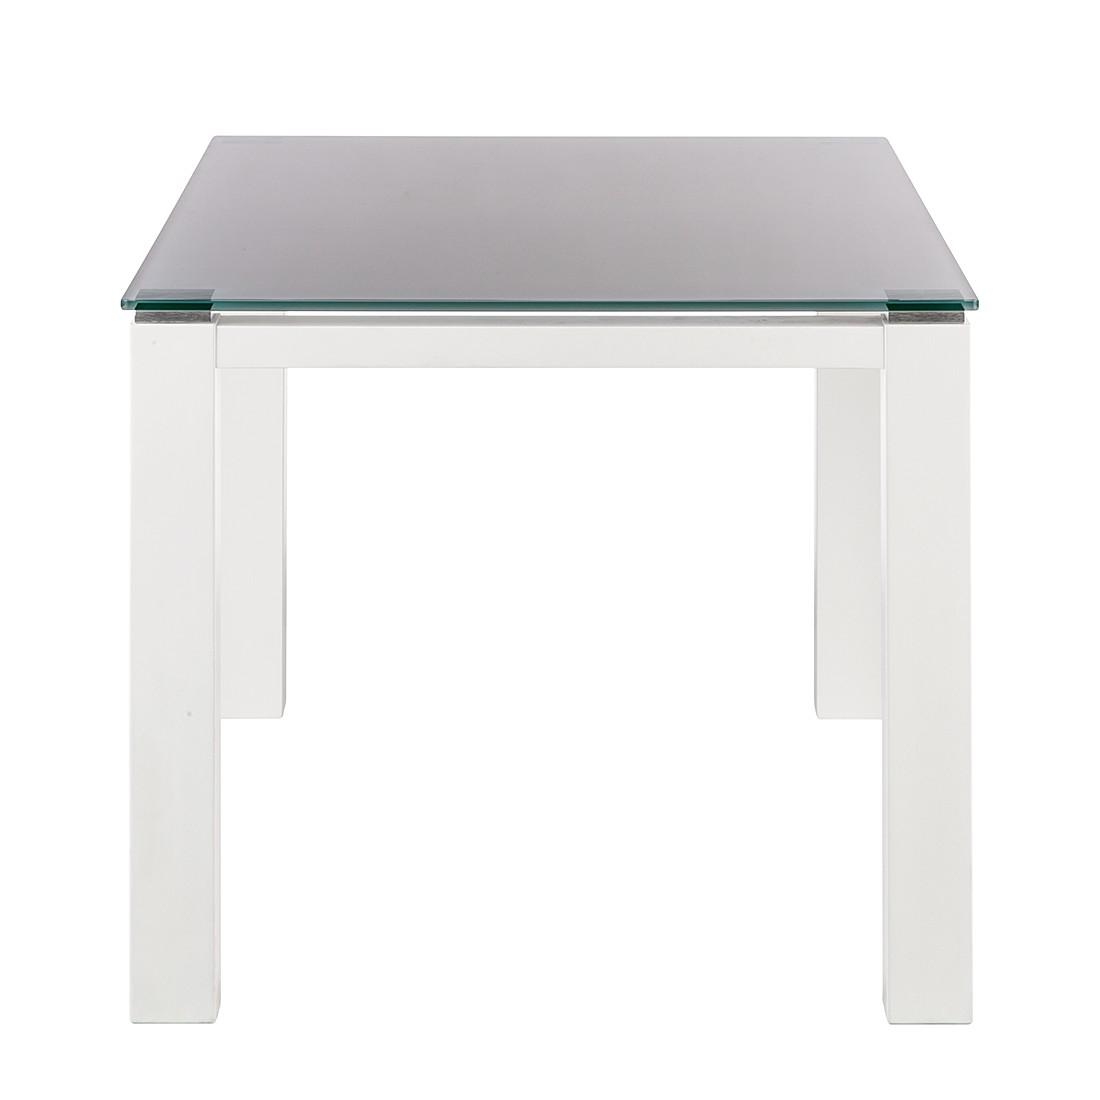 Glastisch Palma – Weiß lackiertes Glas/Lack Weiß – 90 x 90 cm, Niehoff bestellen